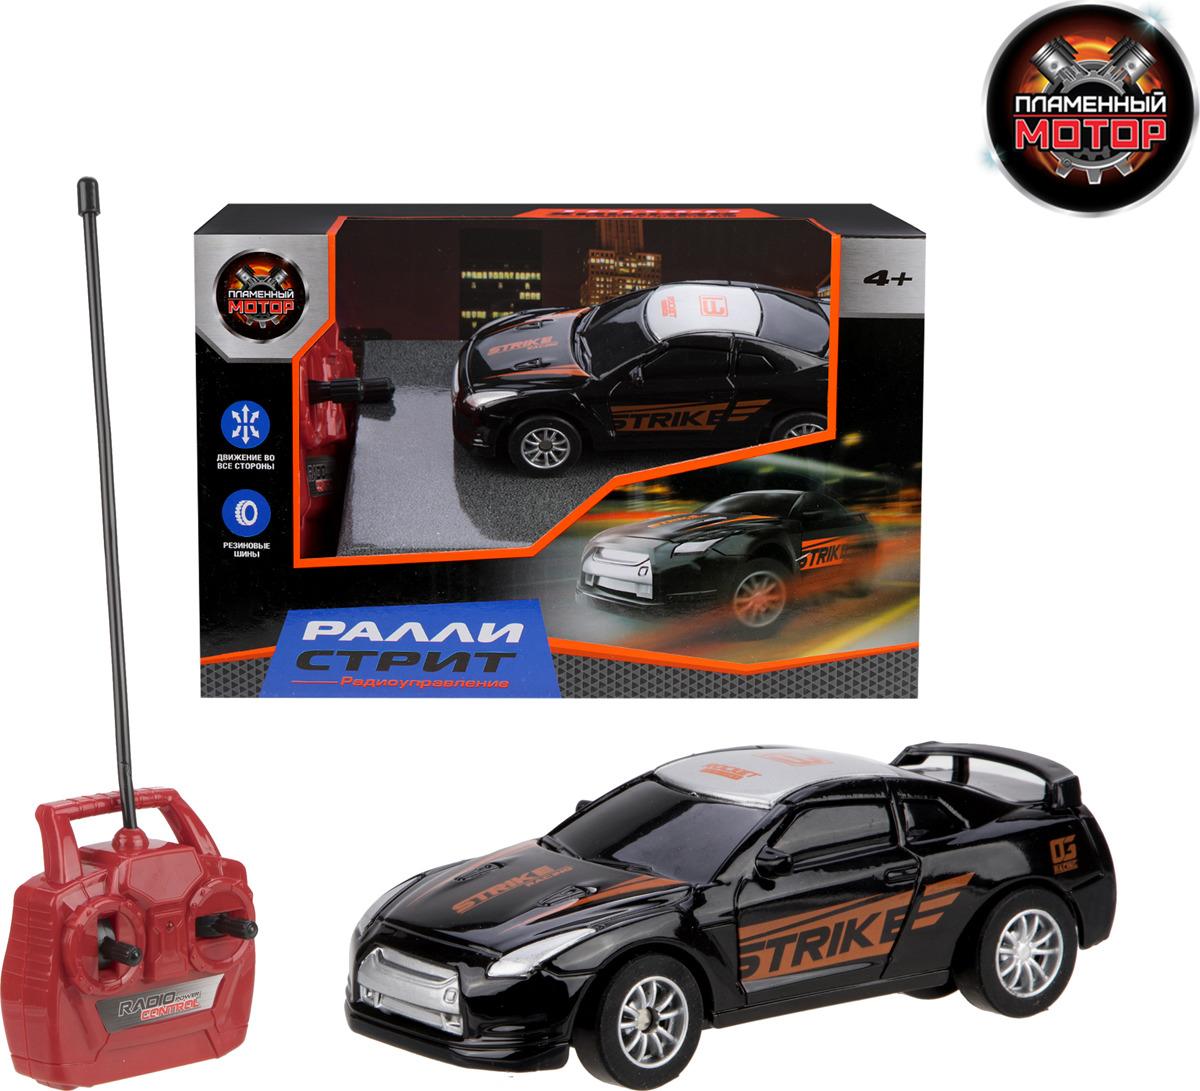 Машина радиоуправляемая Пламенный мотор Ралли Стрит, 870330, черный